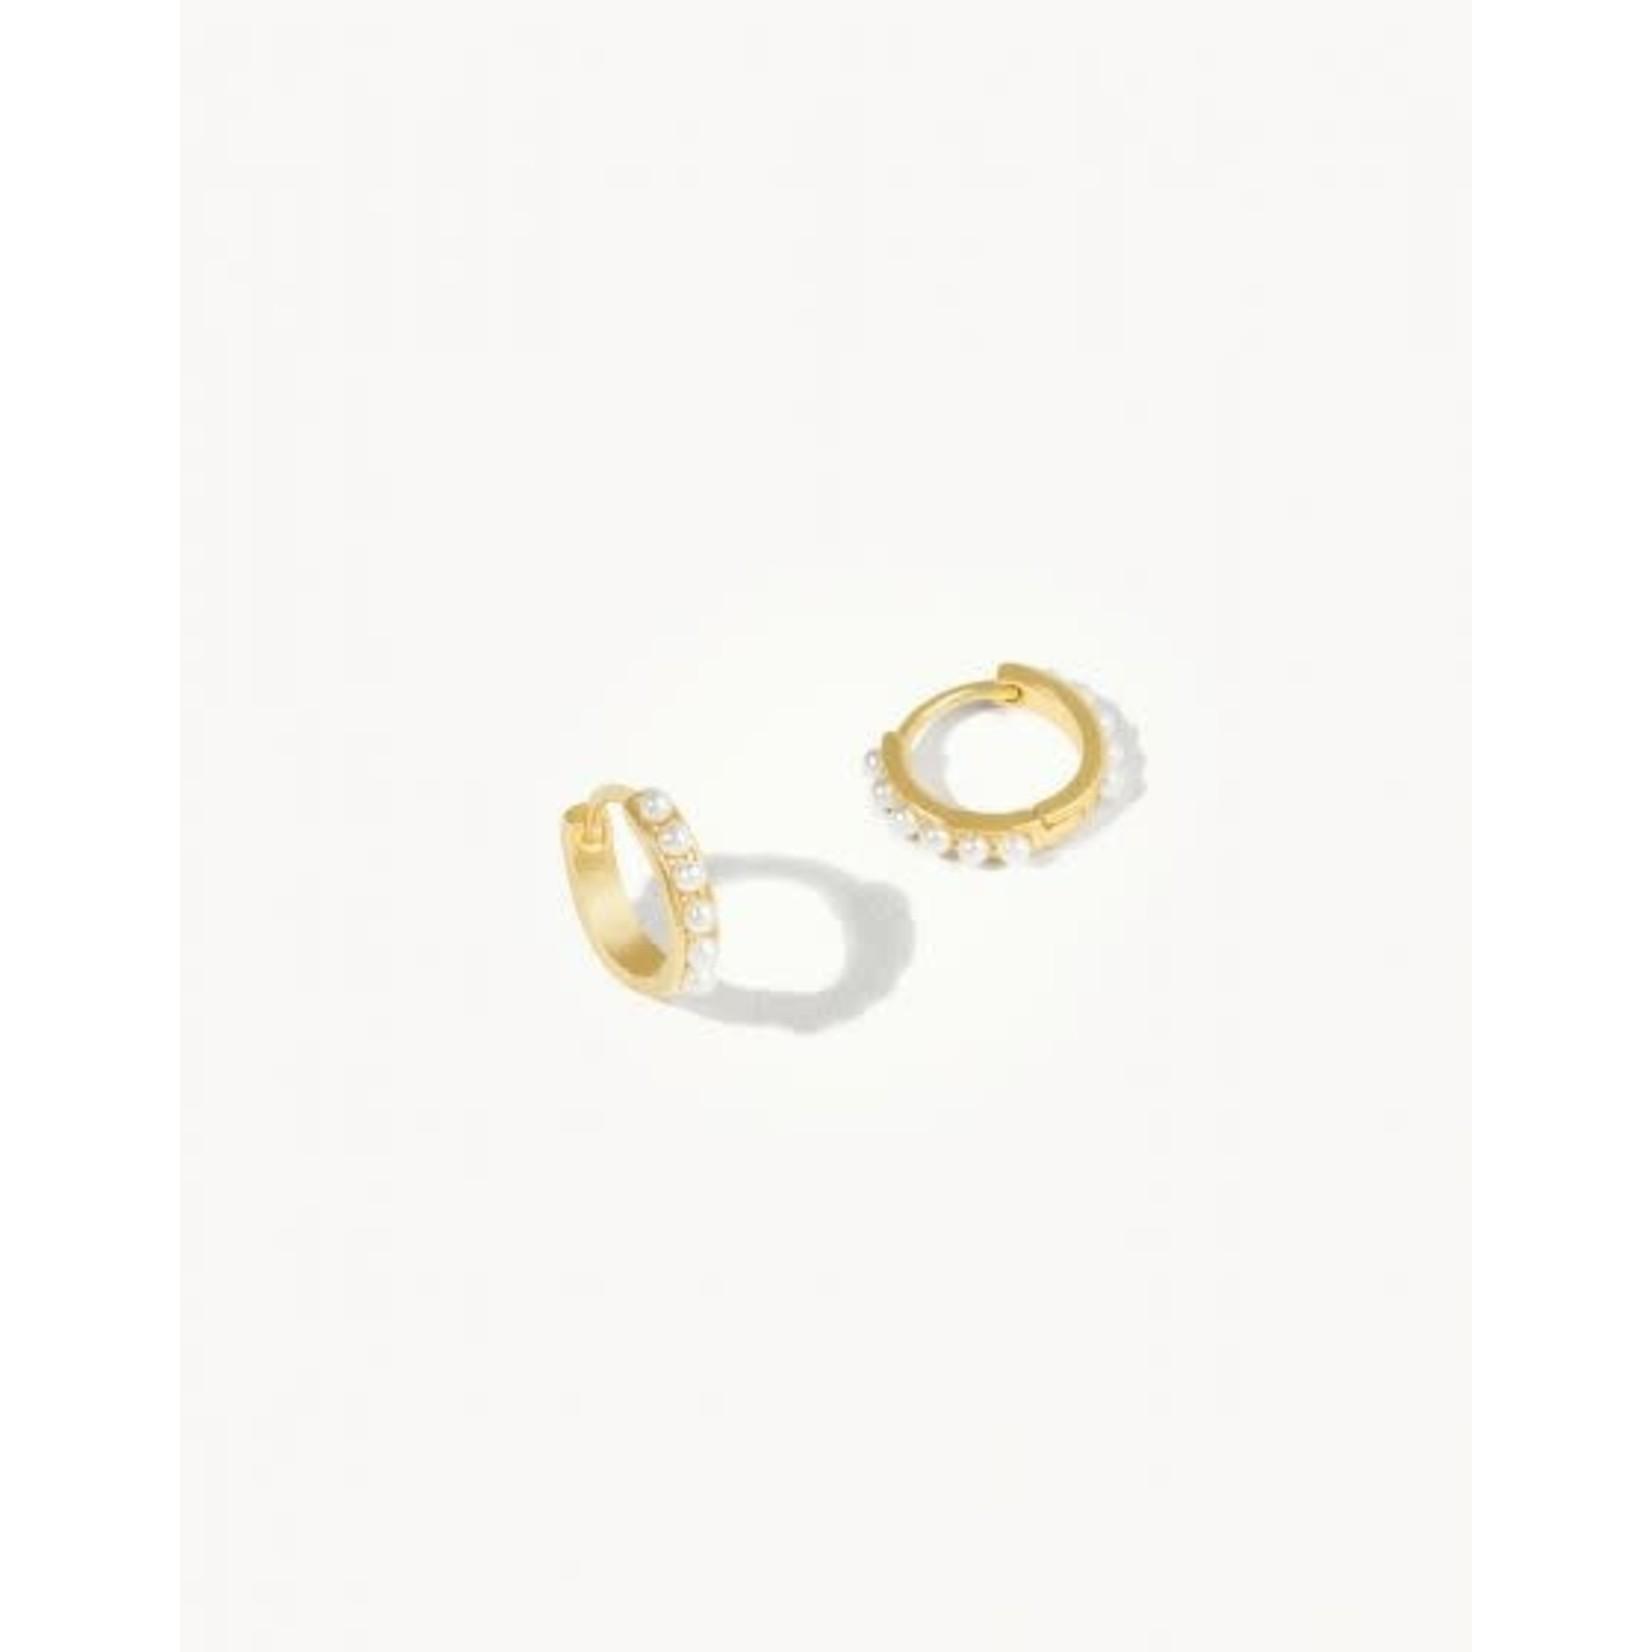 Spartina Earrings/Huggie Hoop/Pearl